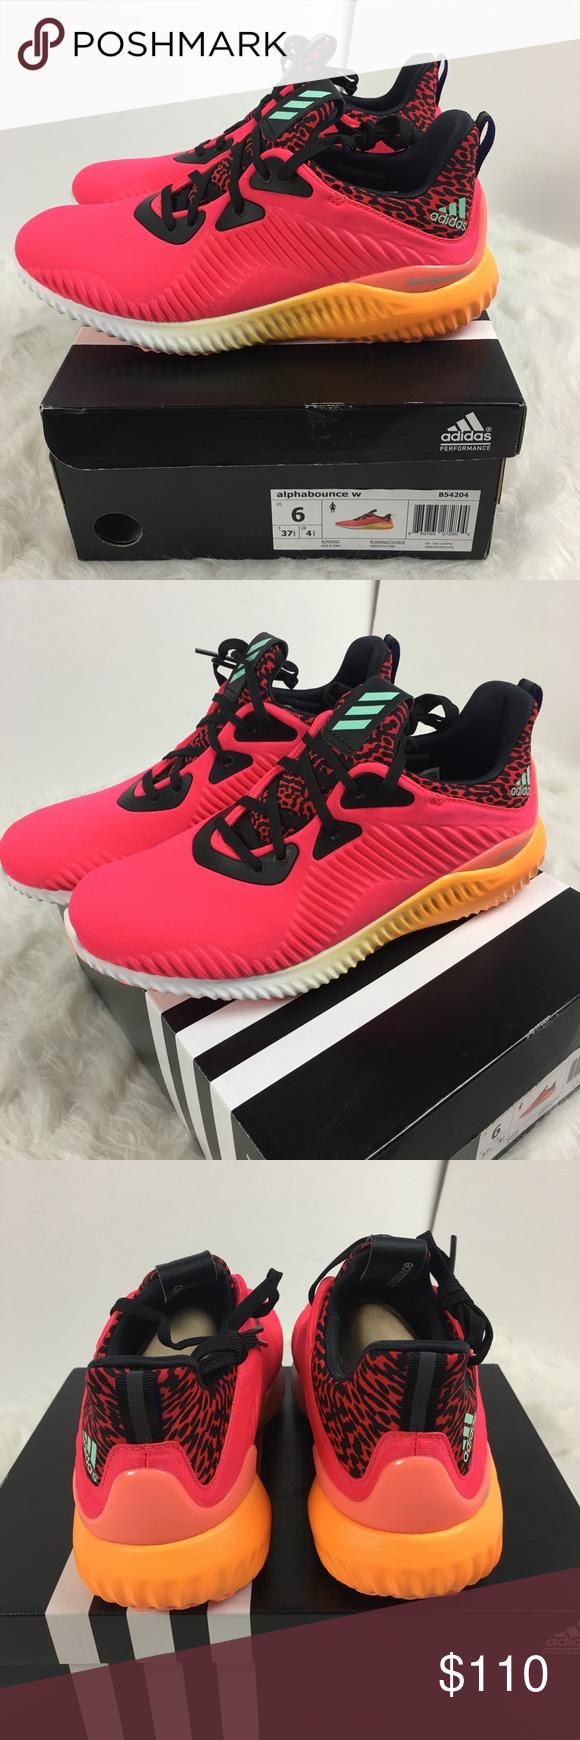 Adidas Alpha Bounce W zapatillas adidas zapatos, zapatos deportivos